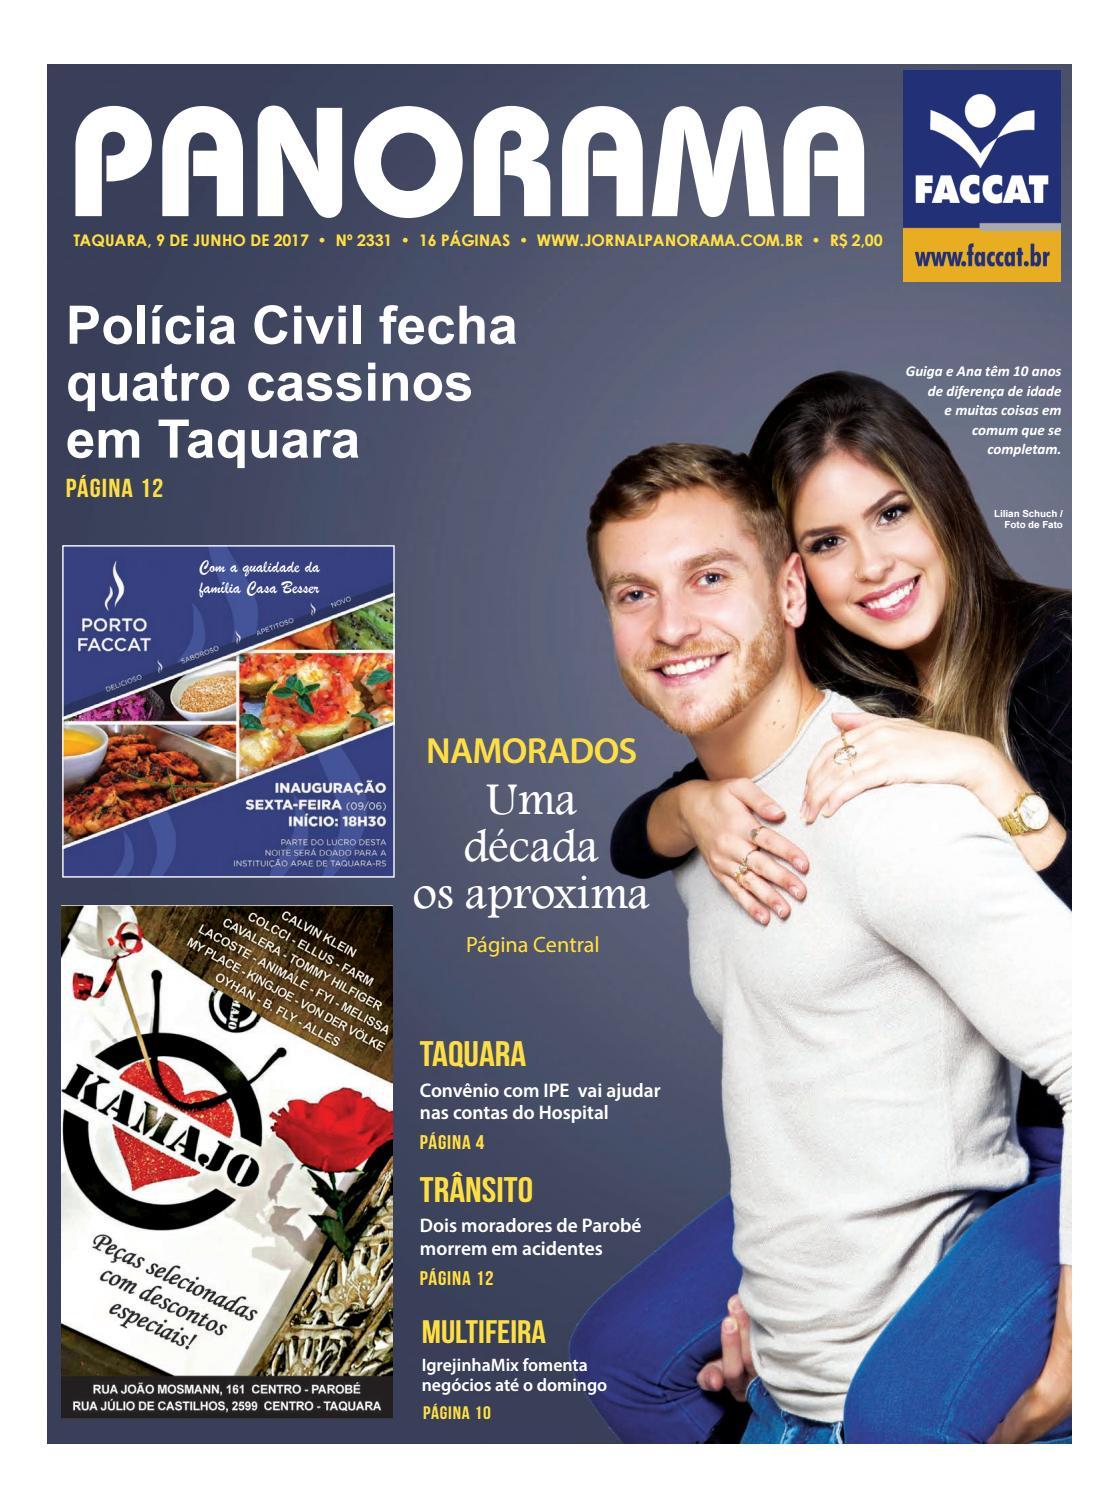 e89e33d4a8c 2331 by Jornal Panorama - issuu